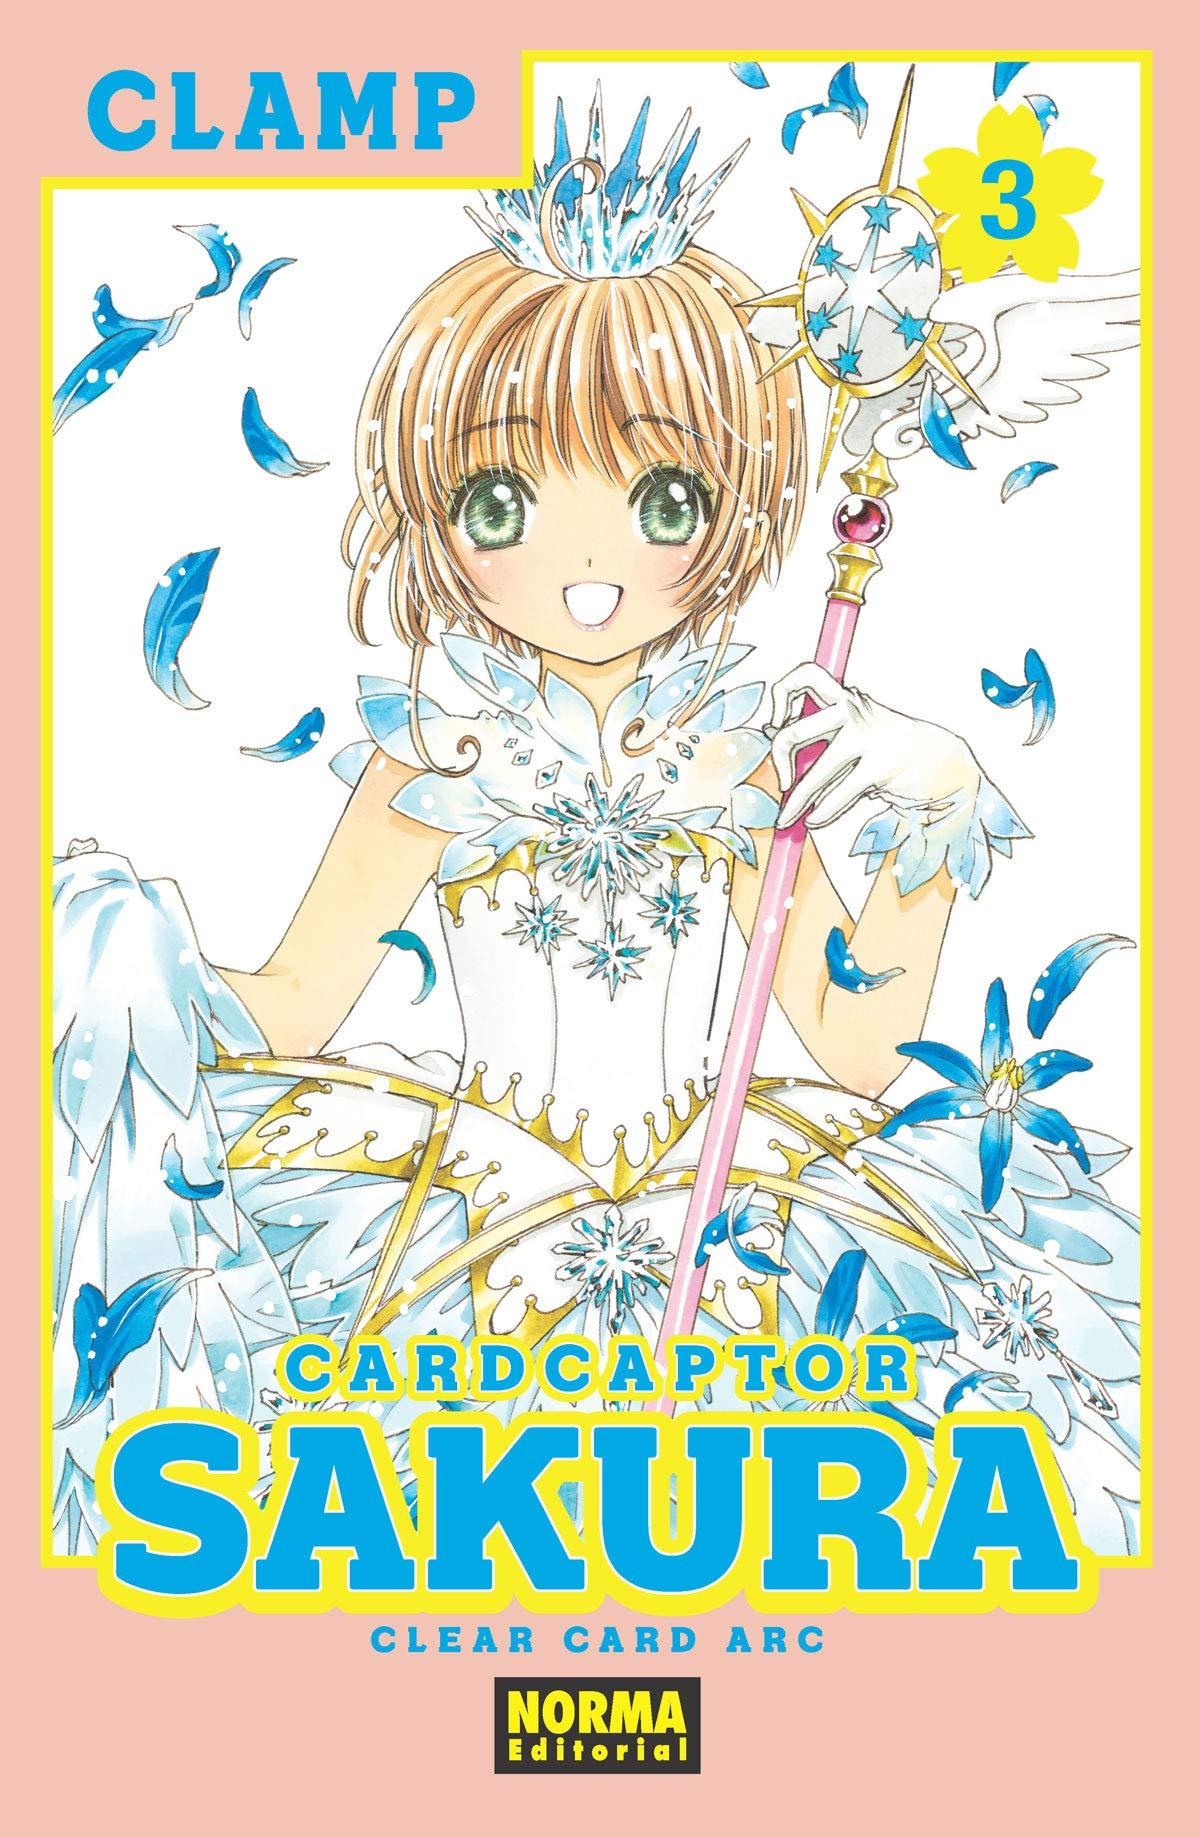 CARD CAPTOR SAKURA CLEAR CARD ARC 03: Amazon.es: Vv.Aa: Libros